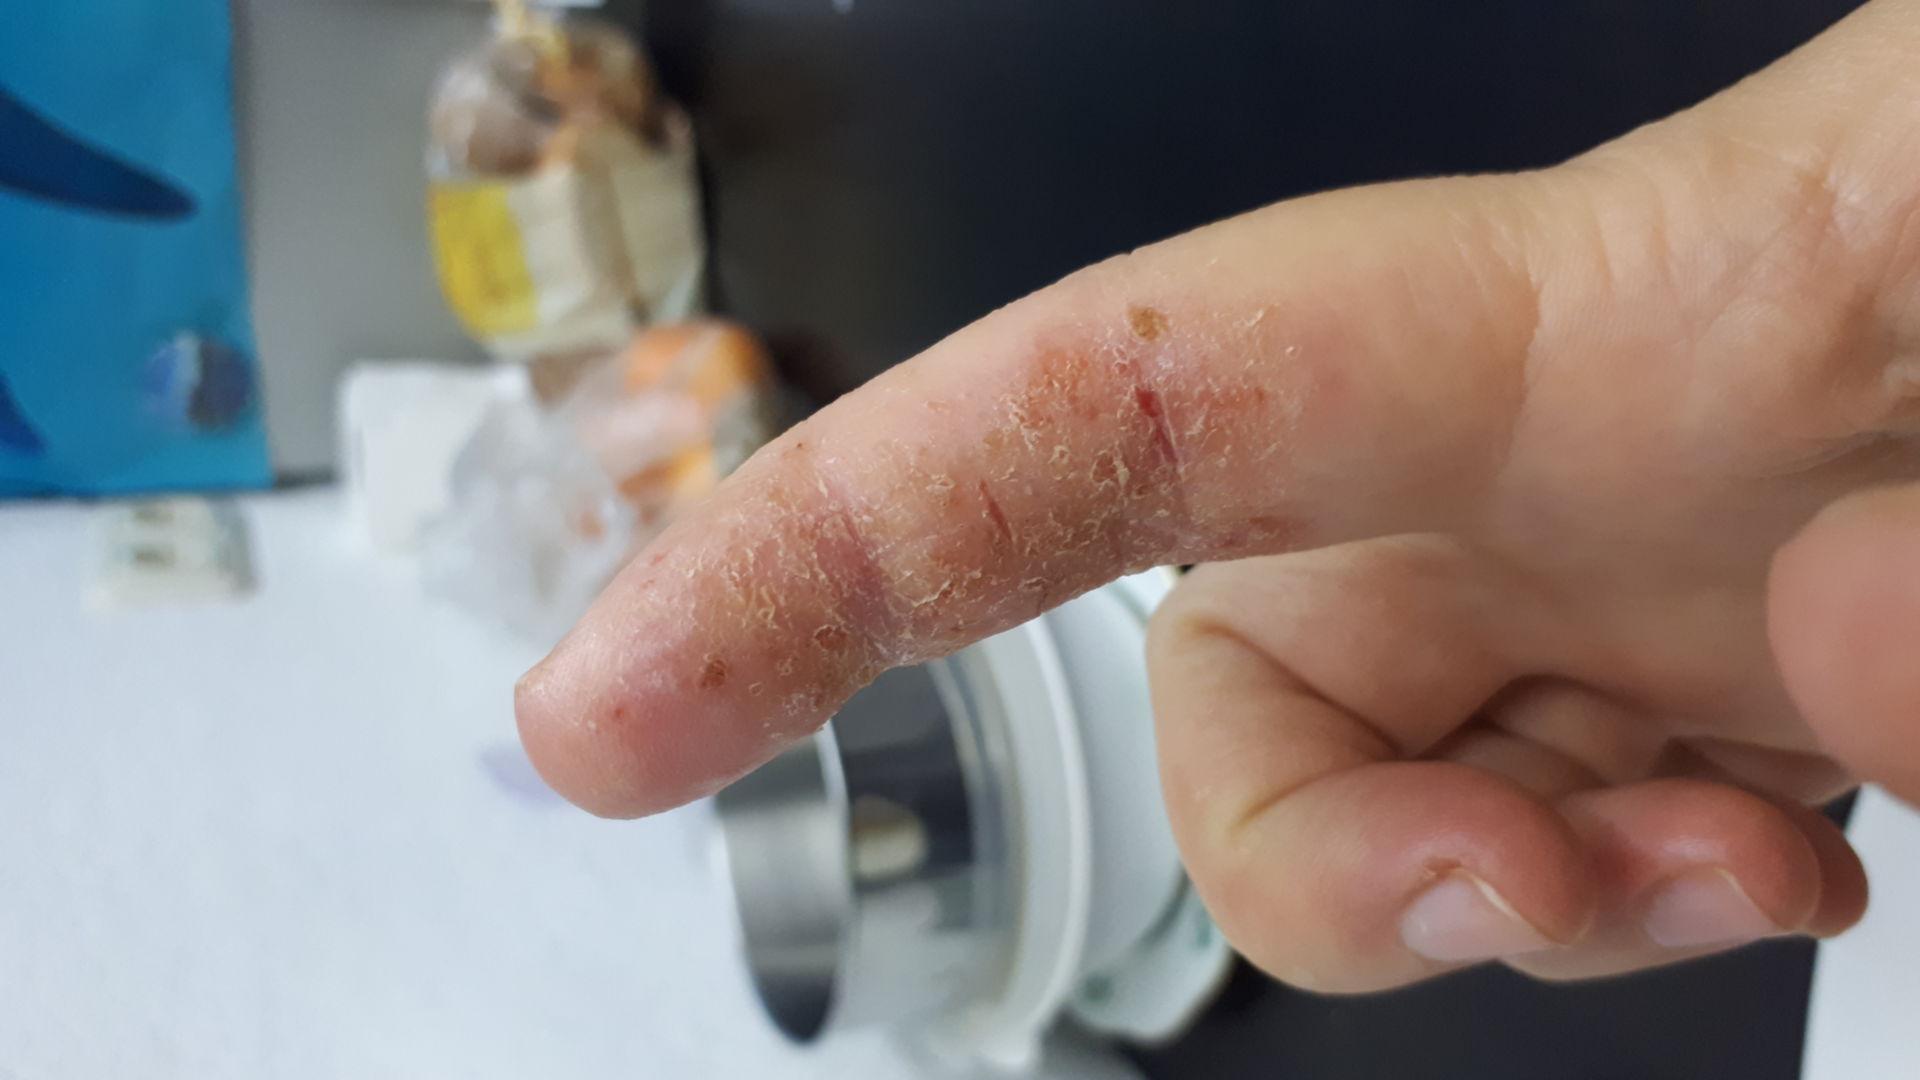 Zeigefinger mit Schuppen und Krusten